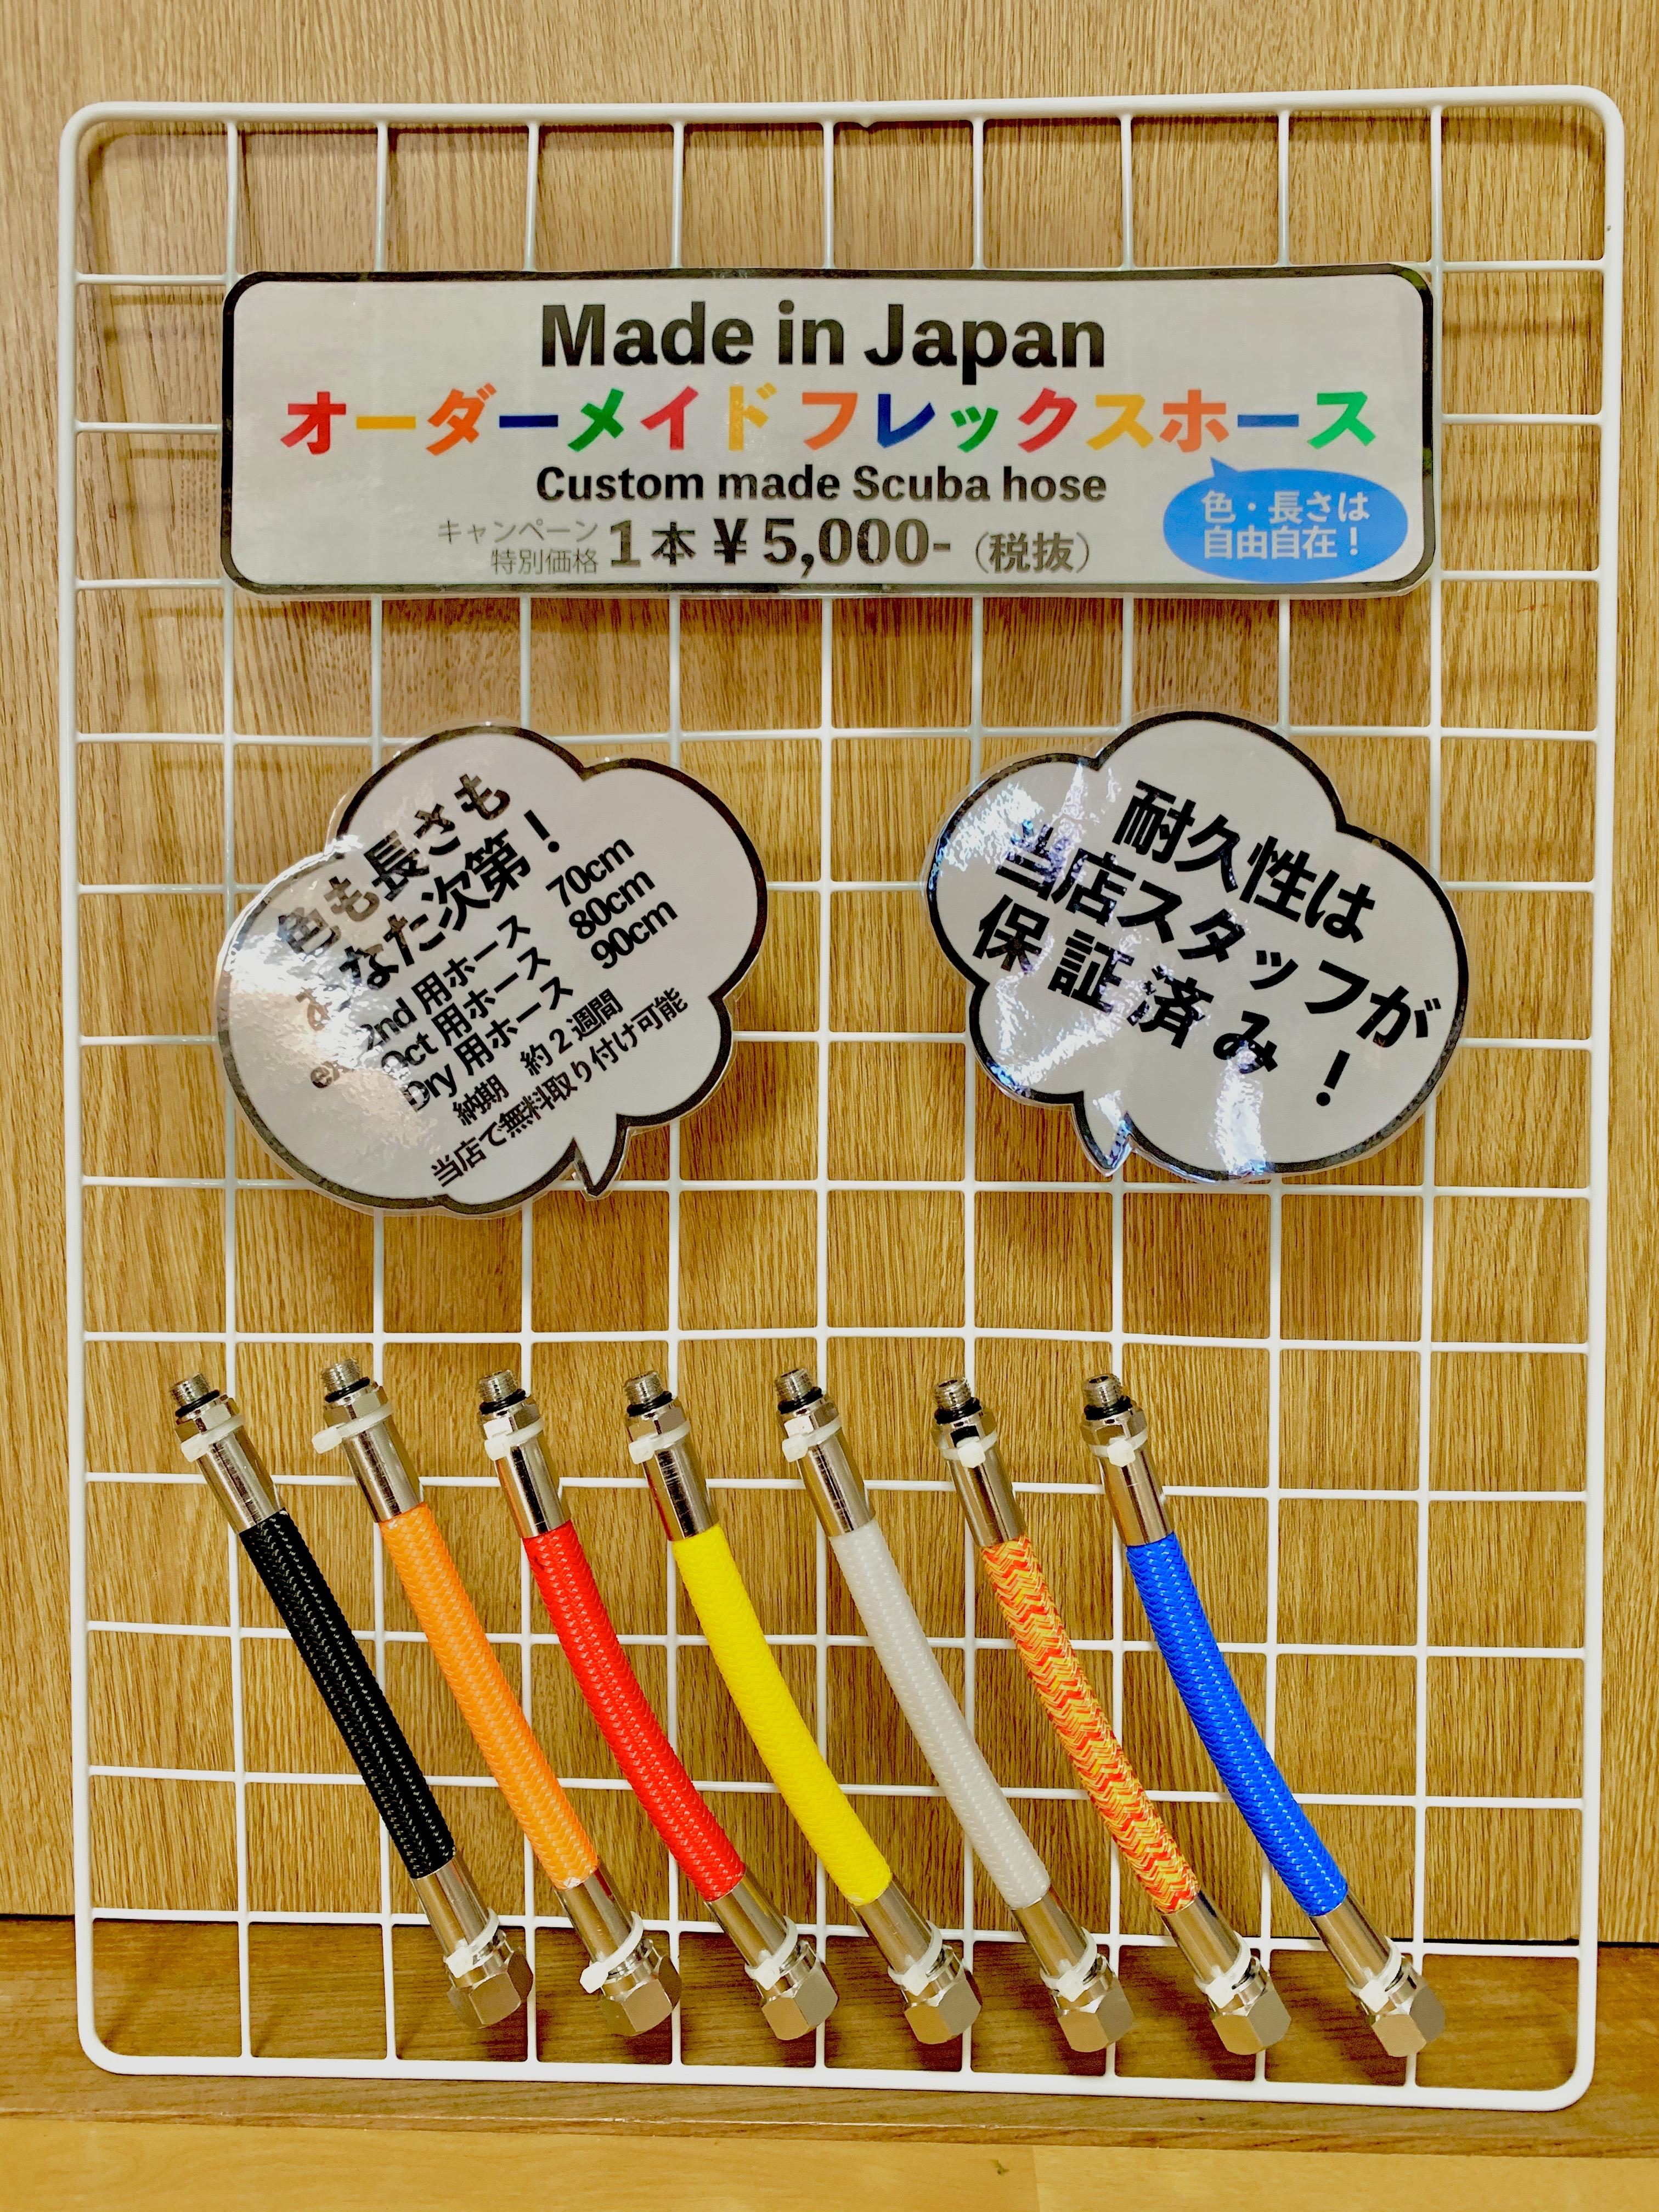 Made in Japanの高品質!フレックスホースがキャンペーン特価!